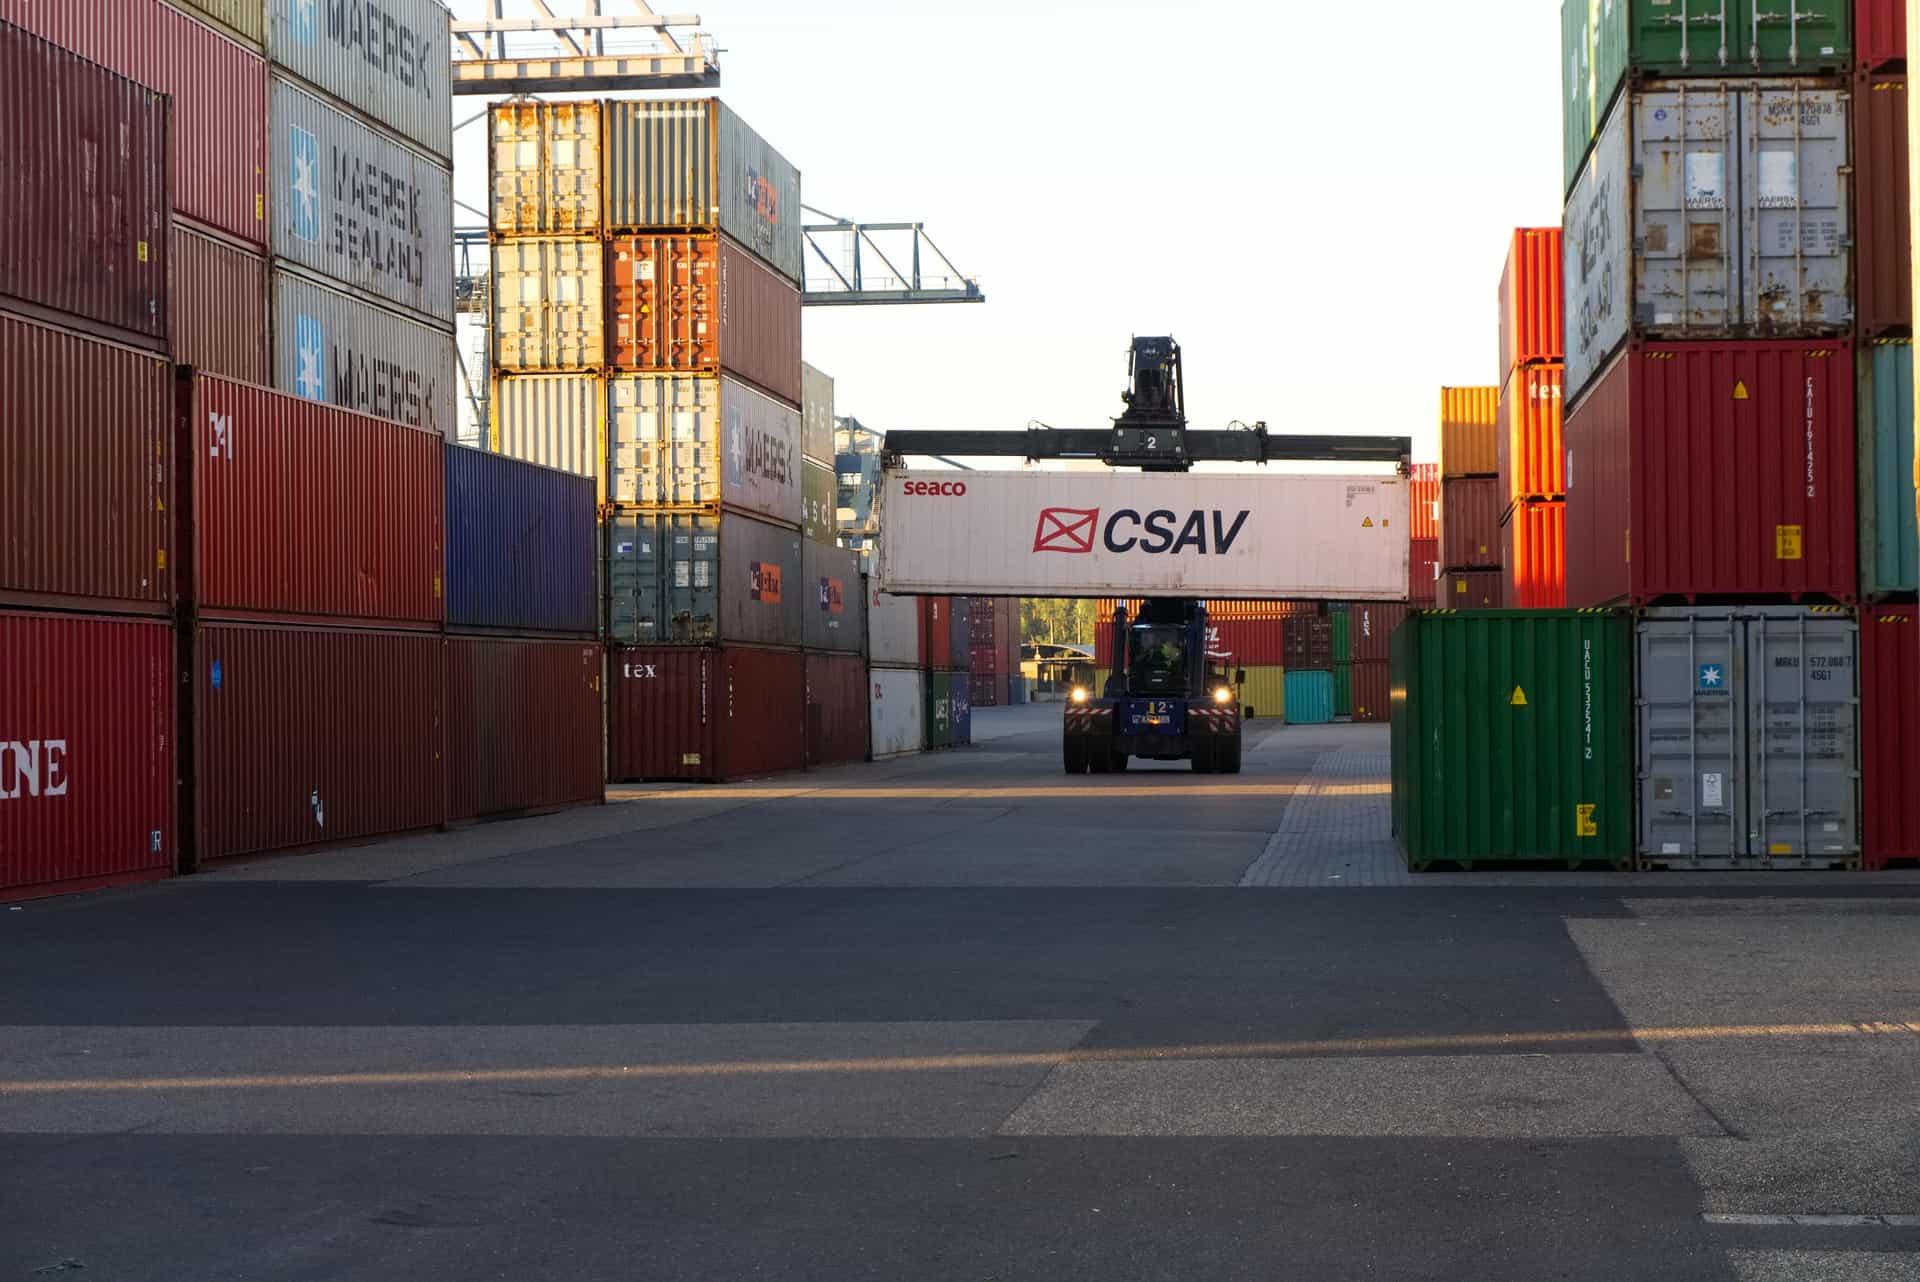 Exportfinanzierung: Definition, Vorteile und Voraussetzungen